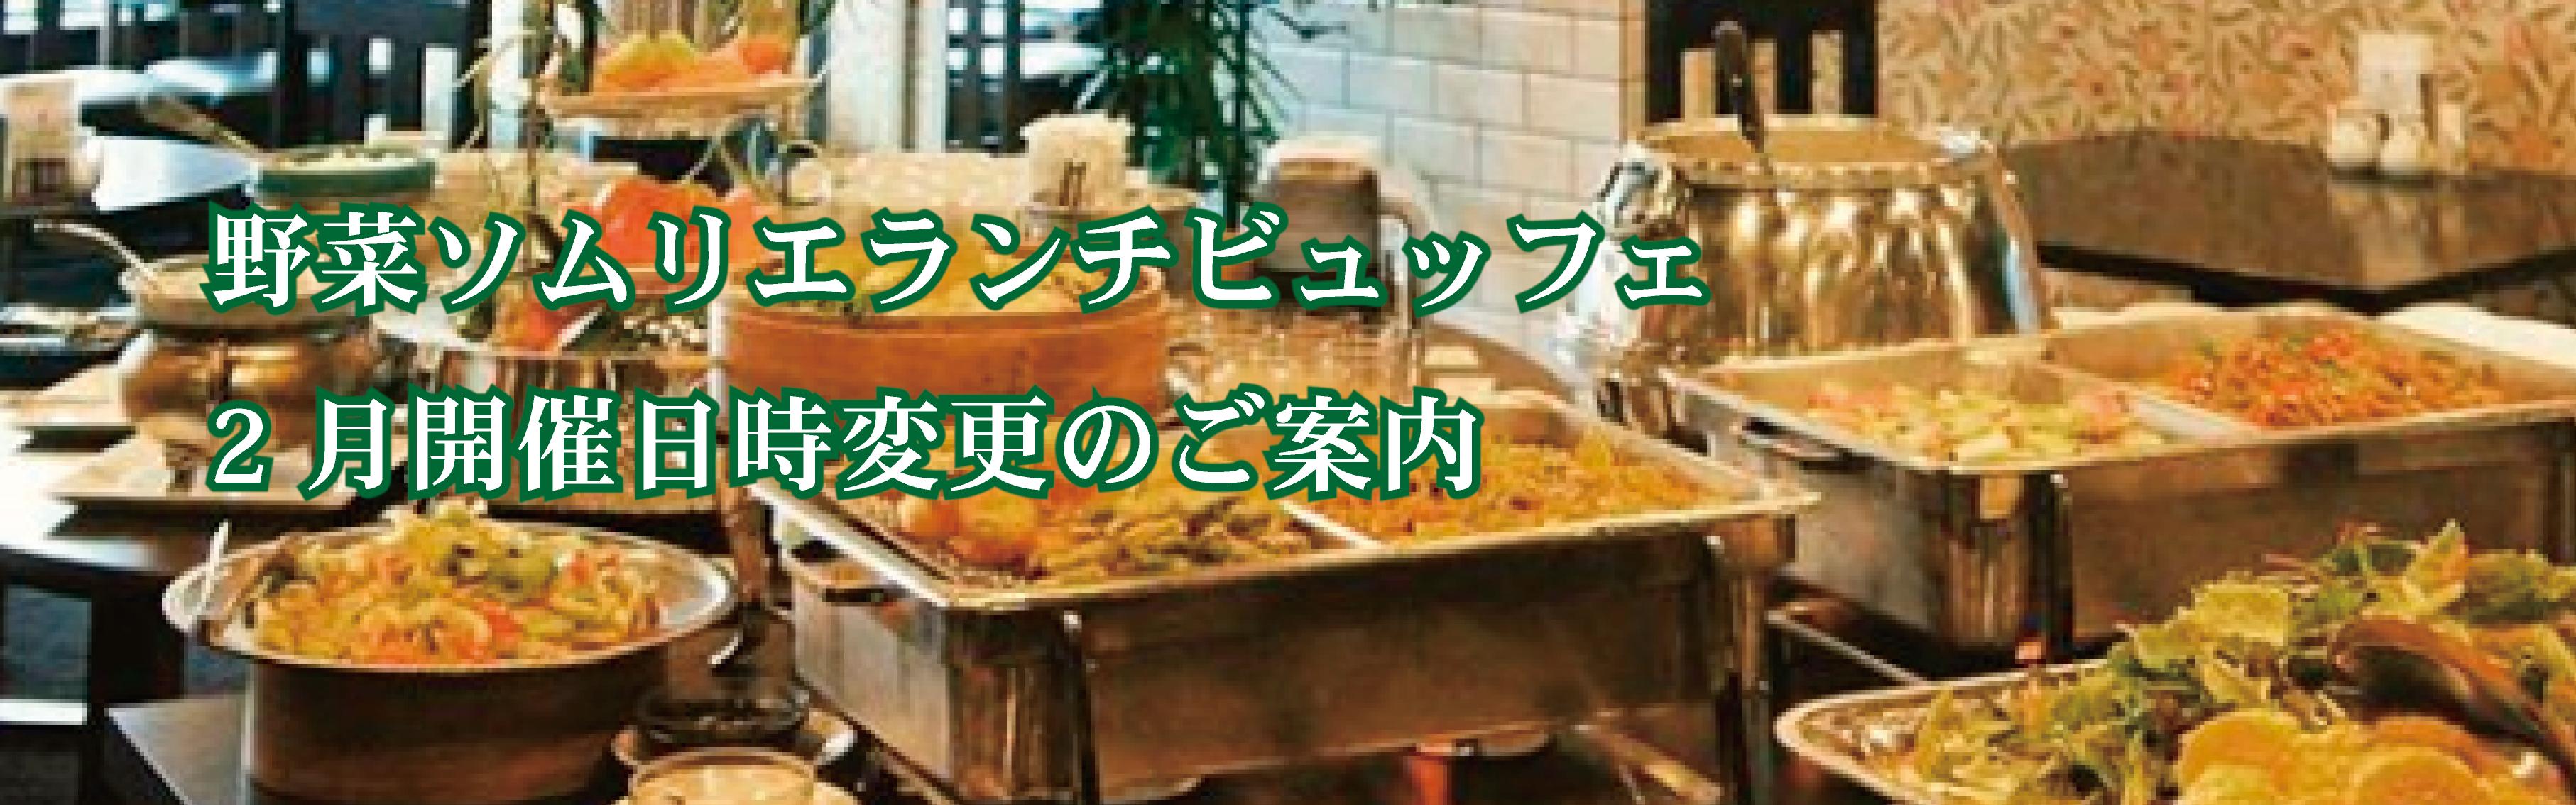 banner_yasaibuffet